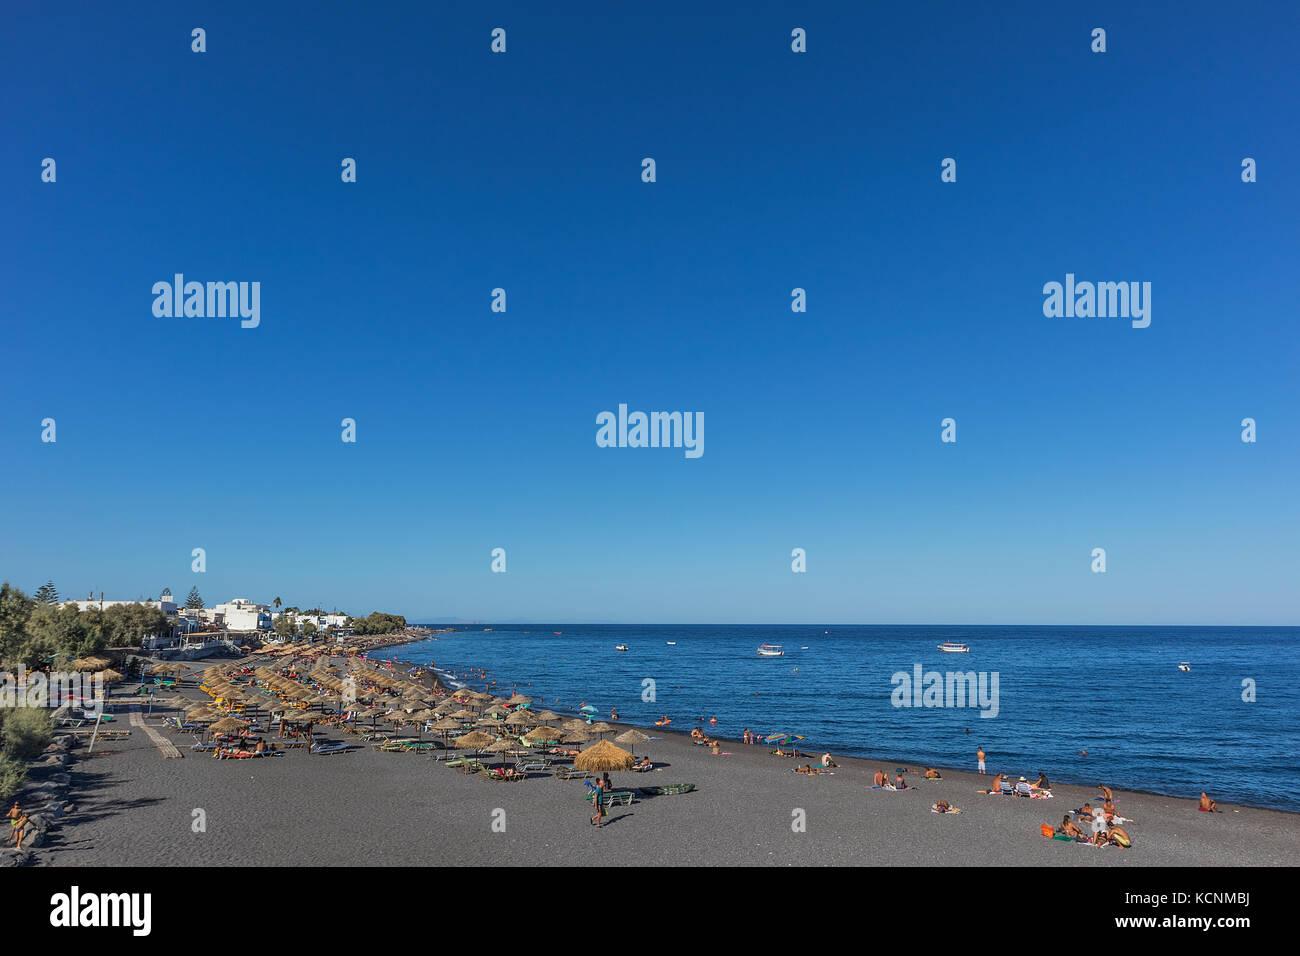 SANTORINI/GREECE 05 SEP - Kamari beach in Santorini, Greece. - Stock Image